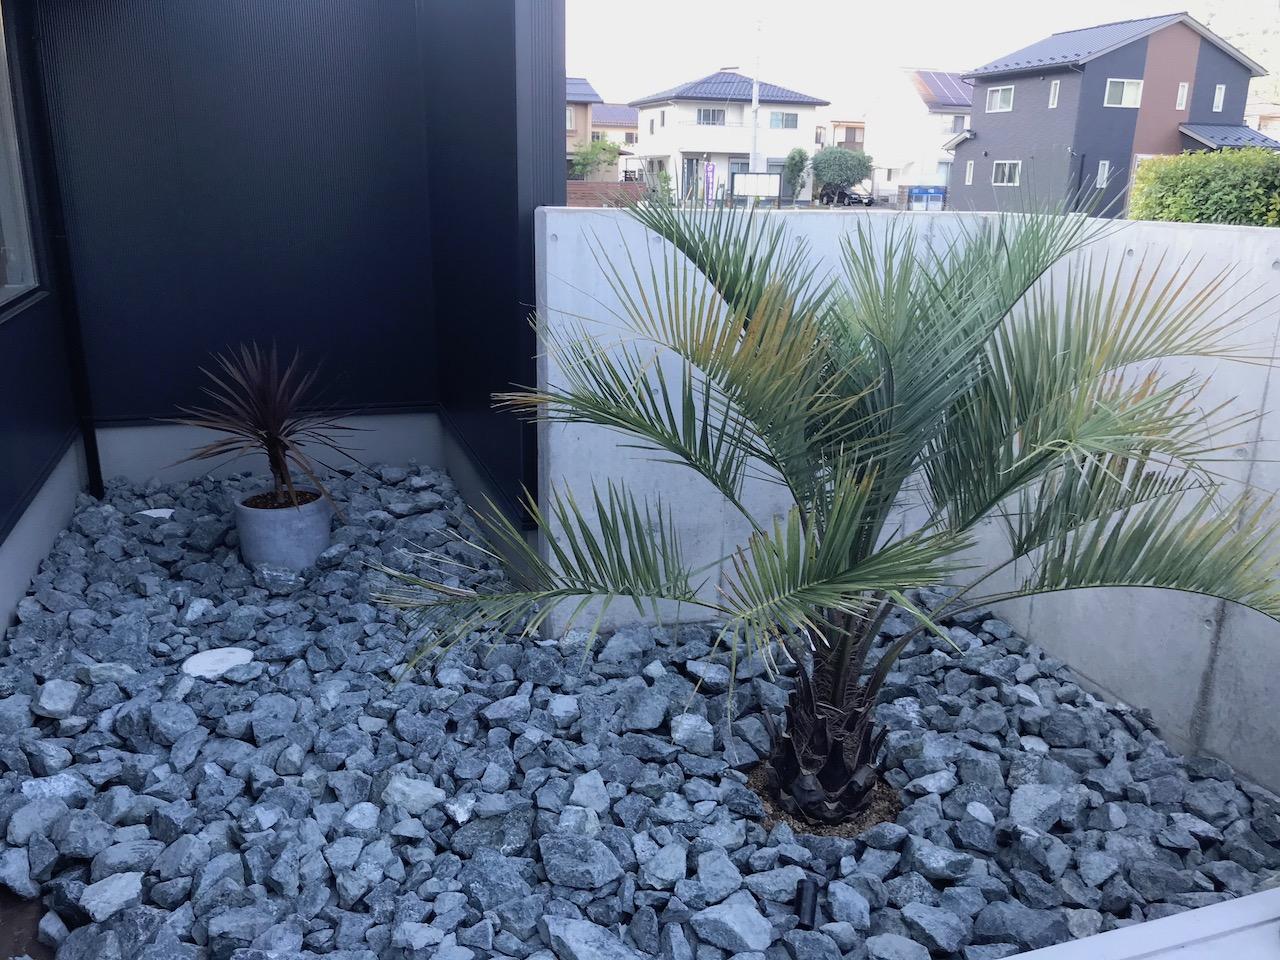 ヤシの木(ココスヤシ)のドライガーデンが完成